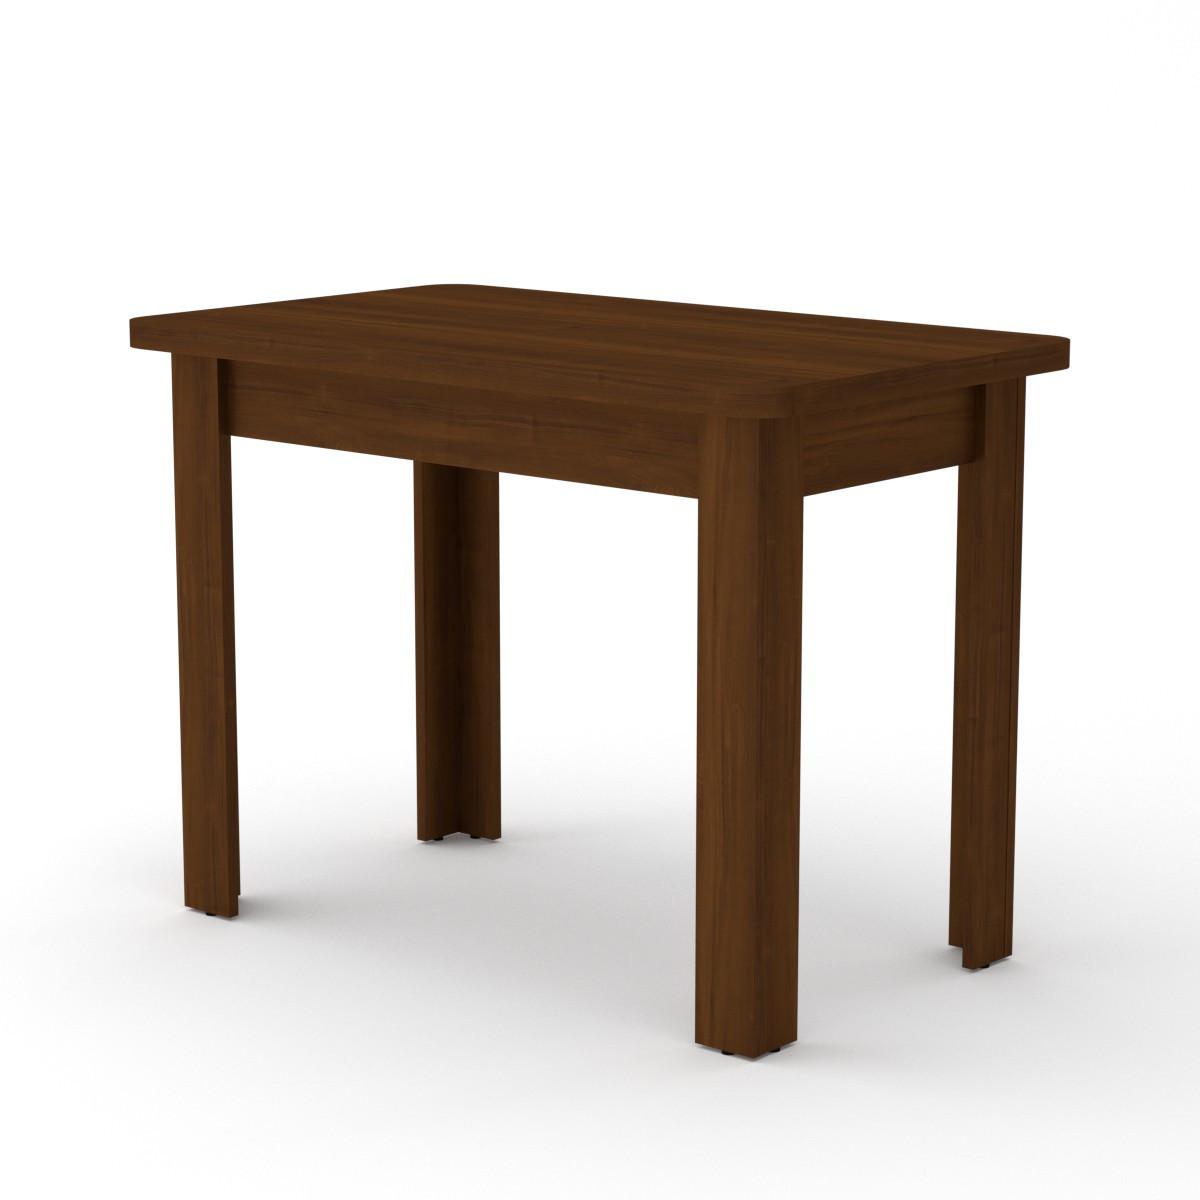 Стол кухонный КС-6 орех экко Компанит (100х60х74 см)